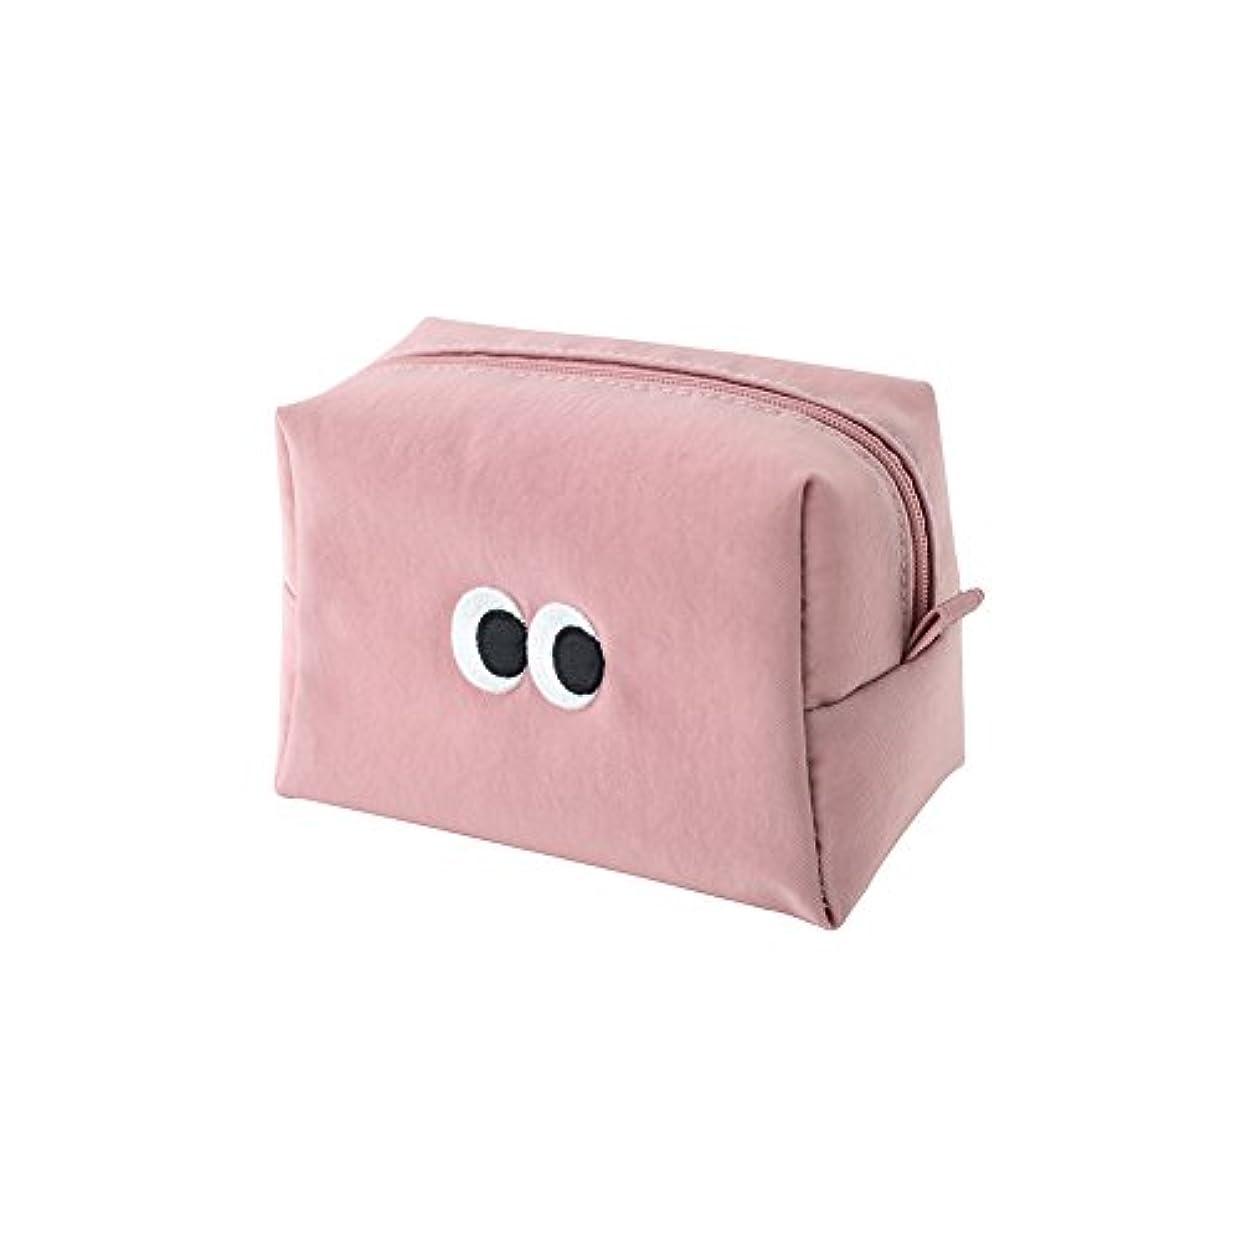 服を洗うレンズ飲食店[LIVEWORK] SOM SOM Stitch Makeup Pouch ソムソムスティッチメイクアップポーチ 小物入れ コスメポーチ 便利 シンプル かわいい